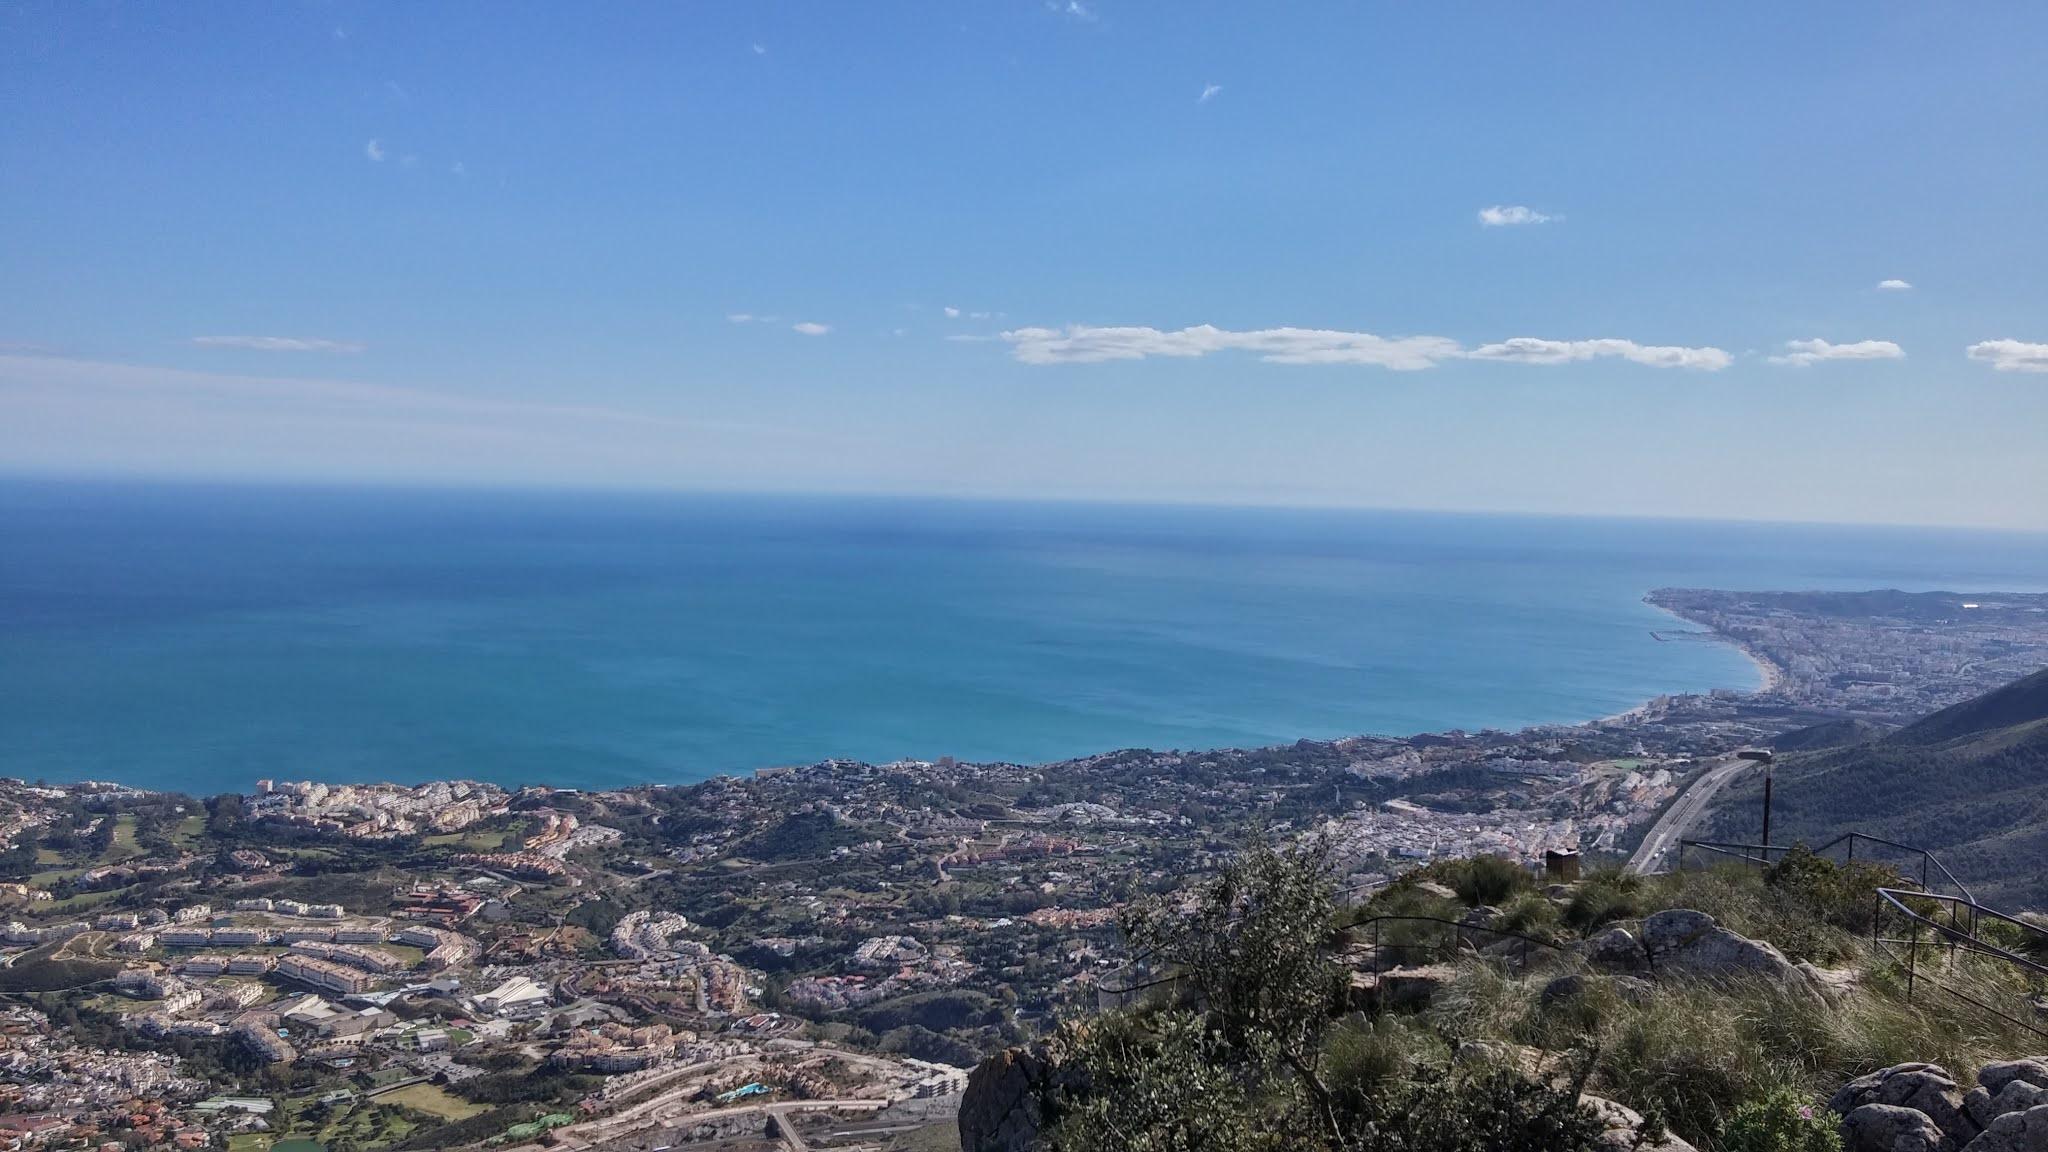 Vista desde el Monte Calamorro